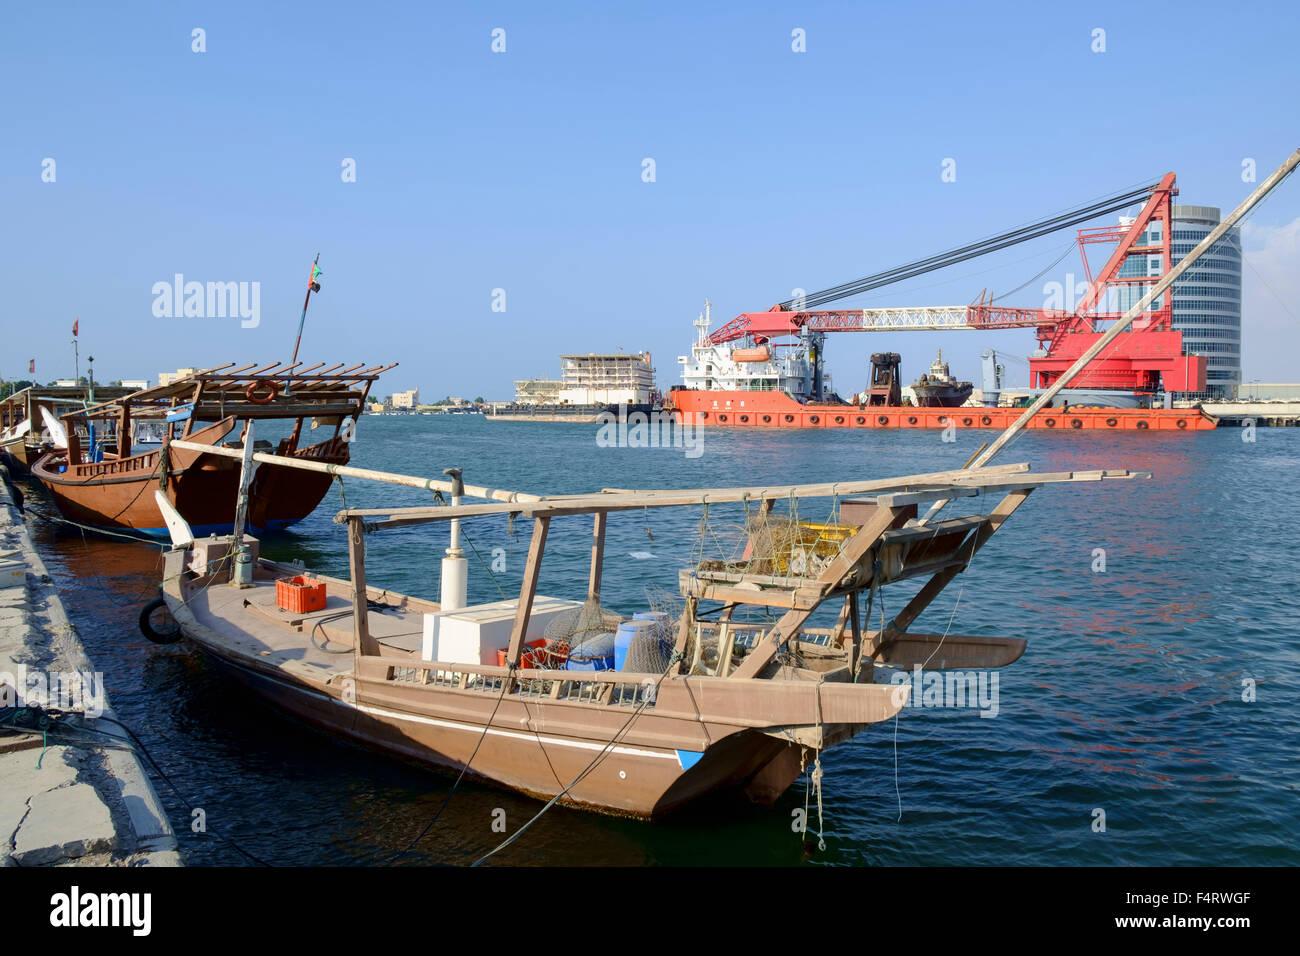 Blick auf traditionelle und moderne Schiffe im Hafen von Emirat Ras al Khaimah in den Vereinigten Arabischen Emiraten Stockbild